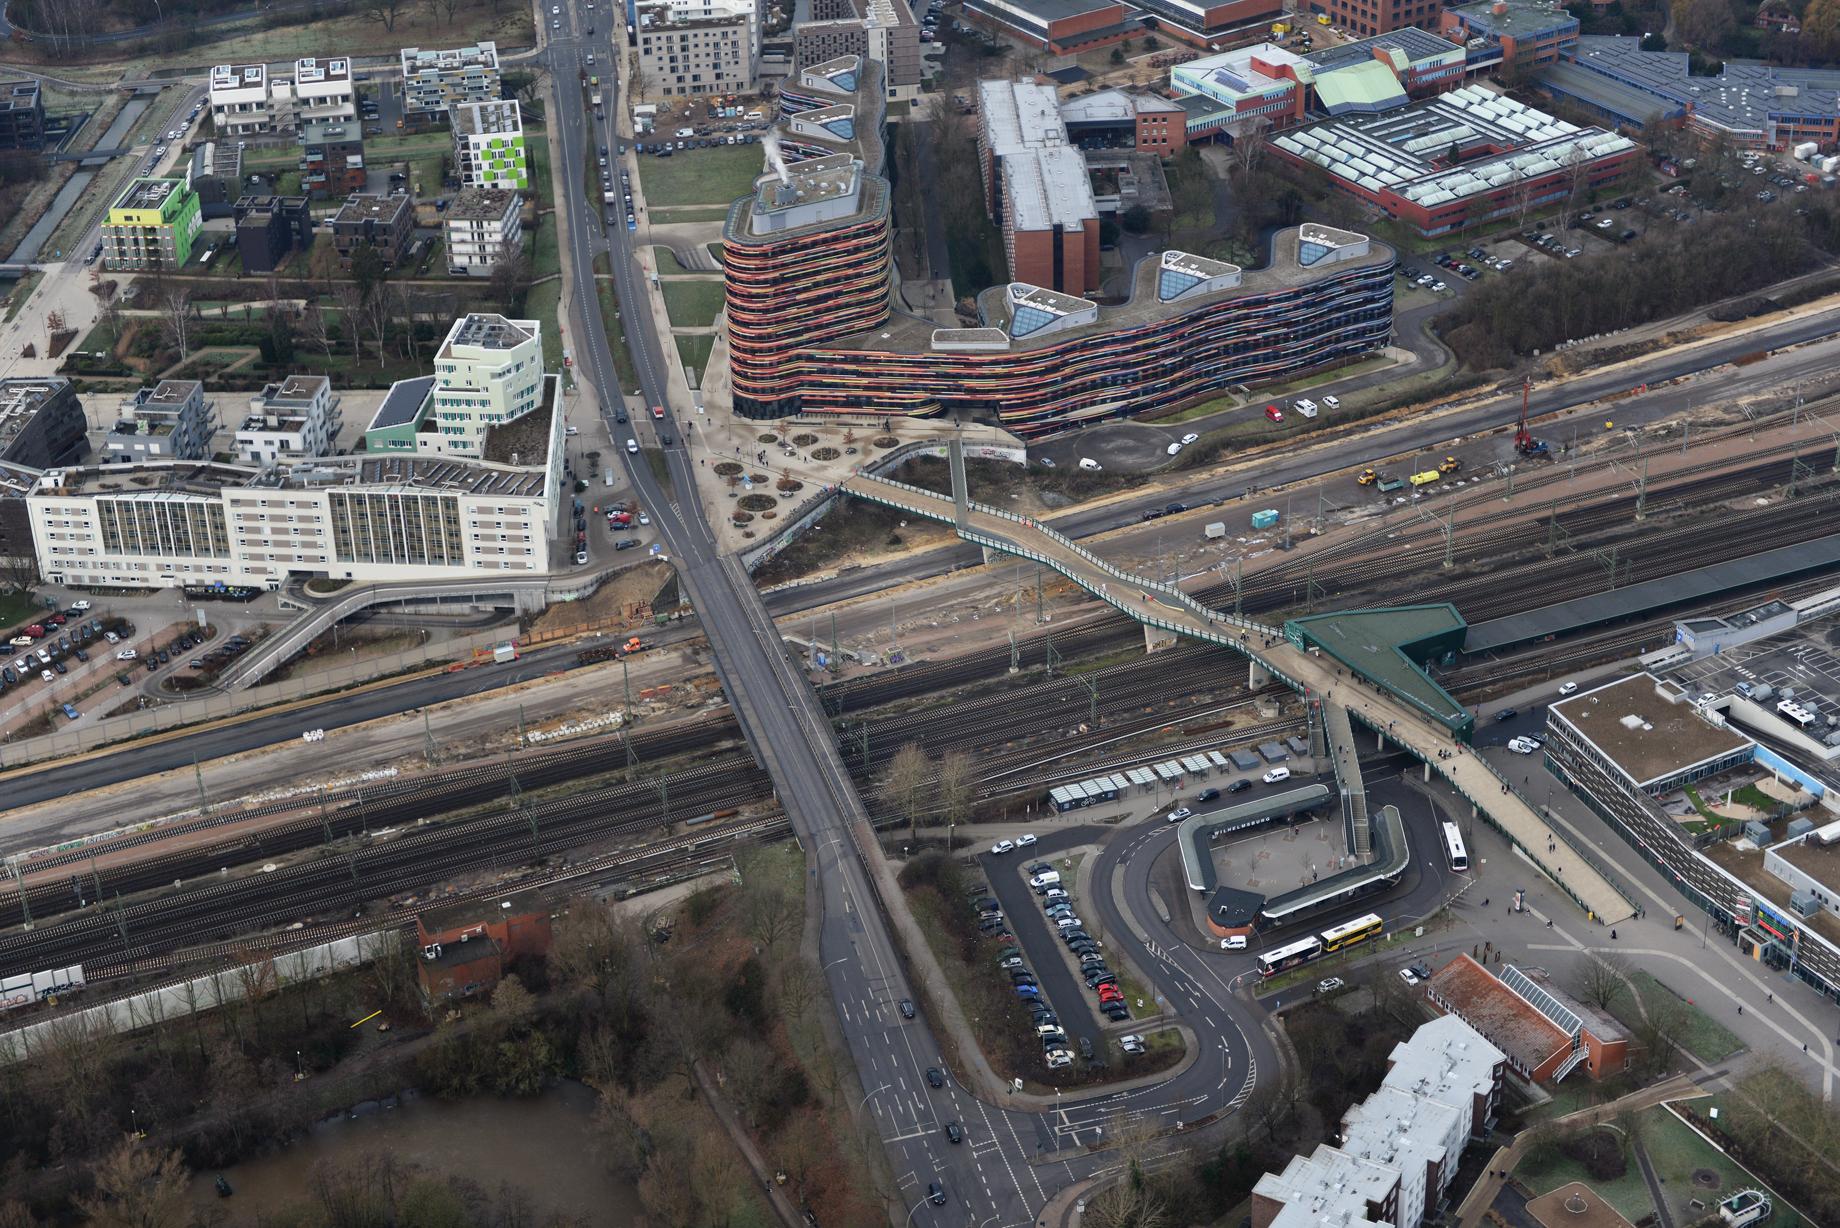 Der Blick von oben zeigt die neue Trasse der Wilhelmsburger Reichsstraße im Bereich Neuenfelder Straße. Ende 2019 wird die neue Trasse für den Verkehr freigegeben. Foto: Fotofrizz